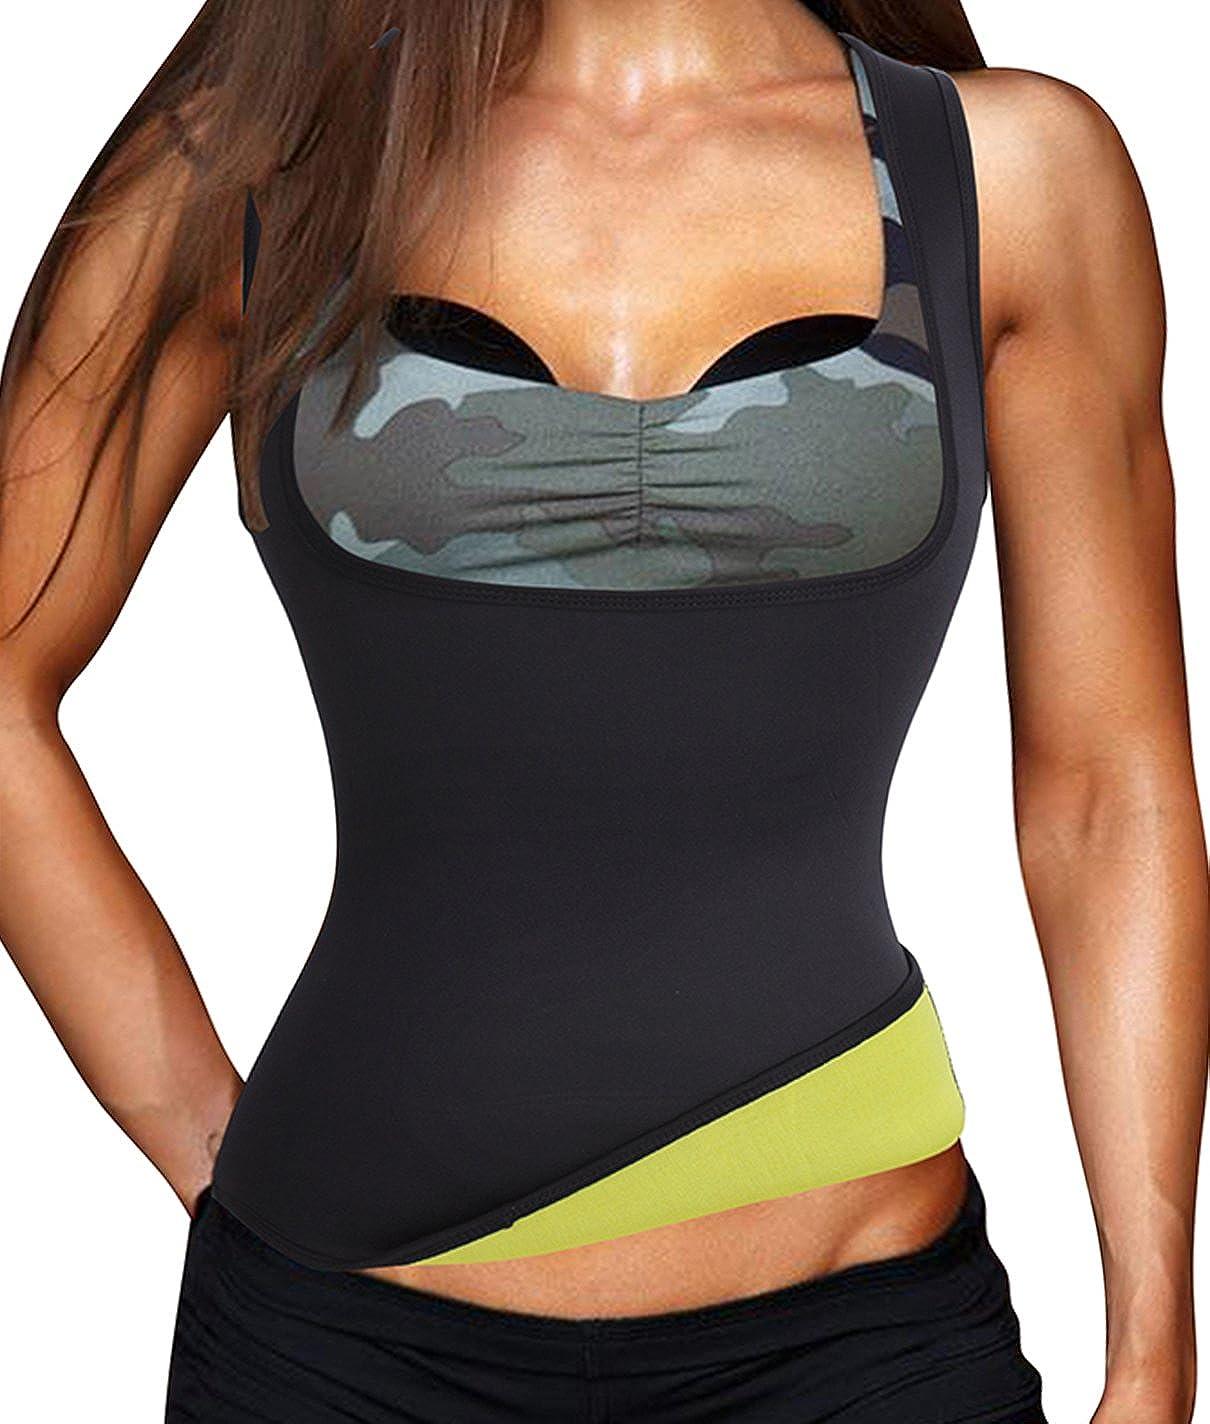 Pullover Waist Sauna Shirt,Neoprene Thermo Body Shaper Sweating for Training Women